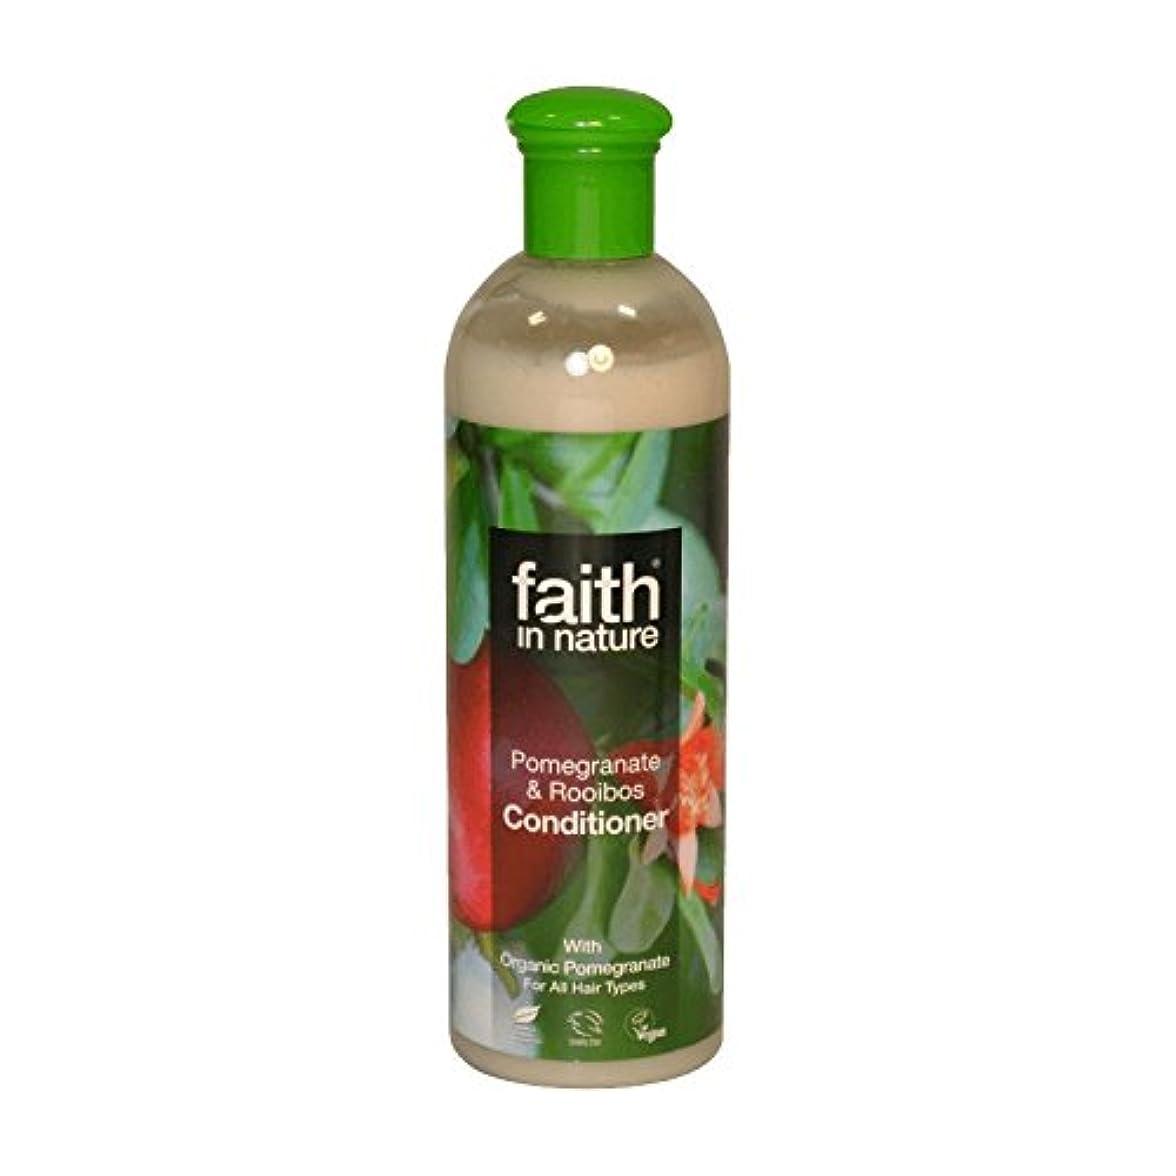 孤独公爵夫人役に立たないFaith in Nature Pomegranate & Roobios Conditioner 400ml (Pack of 2) - 自然ザクロ&Roobiosコンディショナー400ミリリットルの信仰 (x2) [...